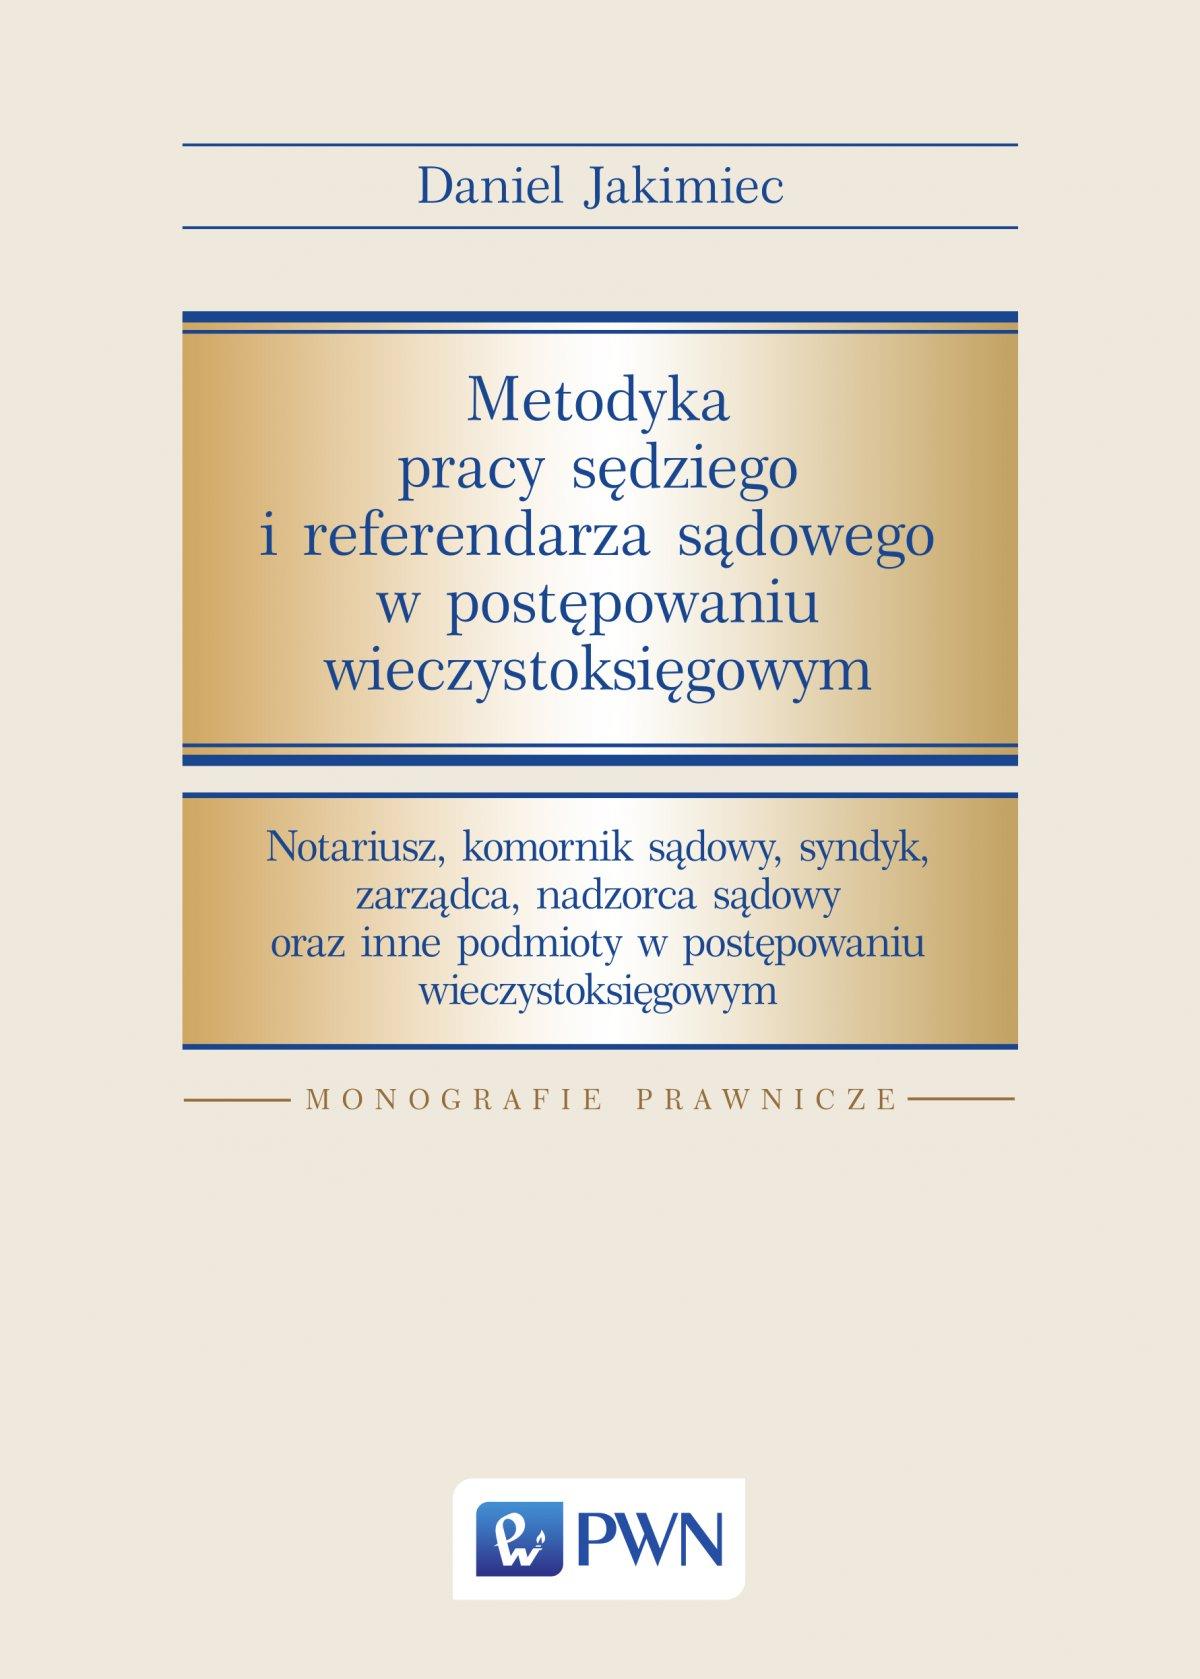 Metodyka pracy sędziego i referendarza sądowego w postępowaniu wieczystoksięgowym - Ebook (Książka EPUB) do pobrania w formacie EPUB